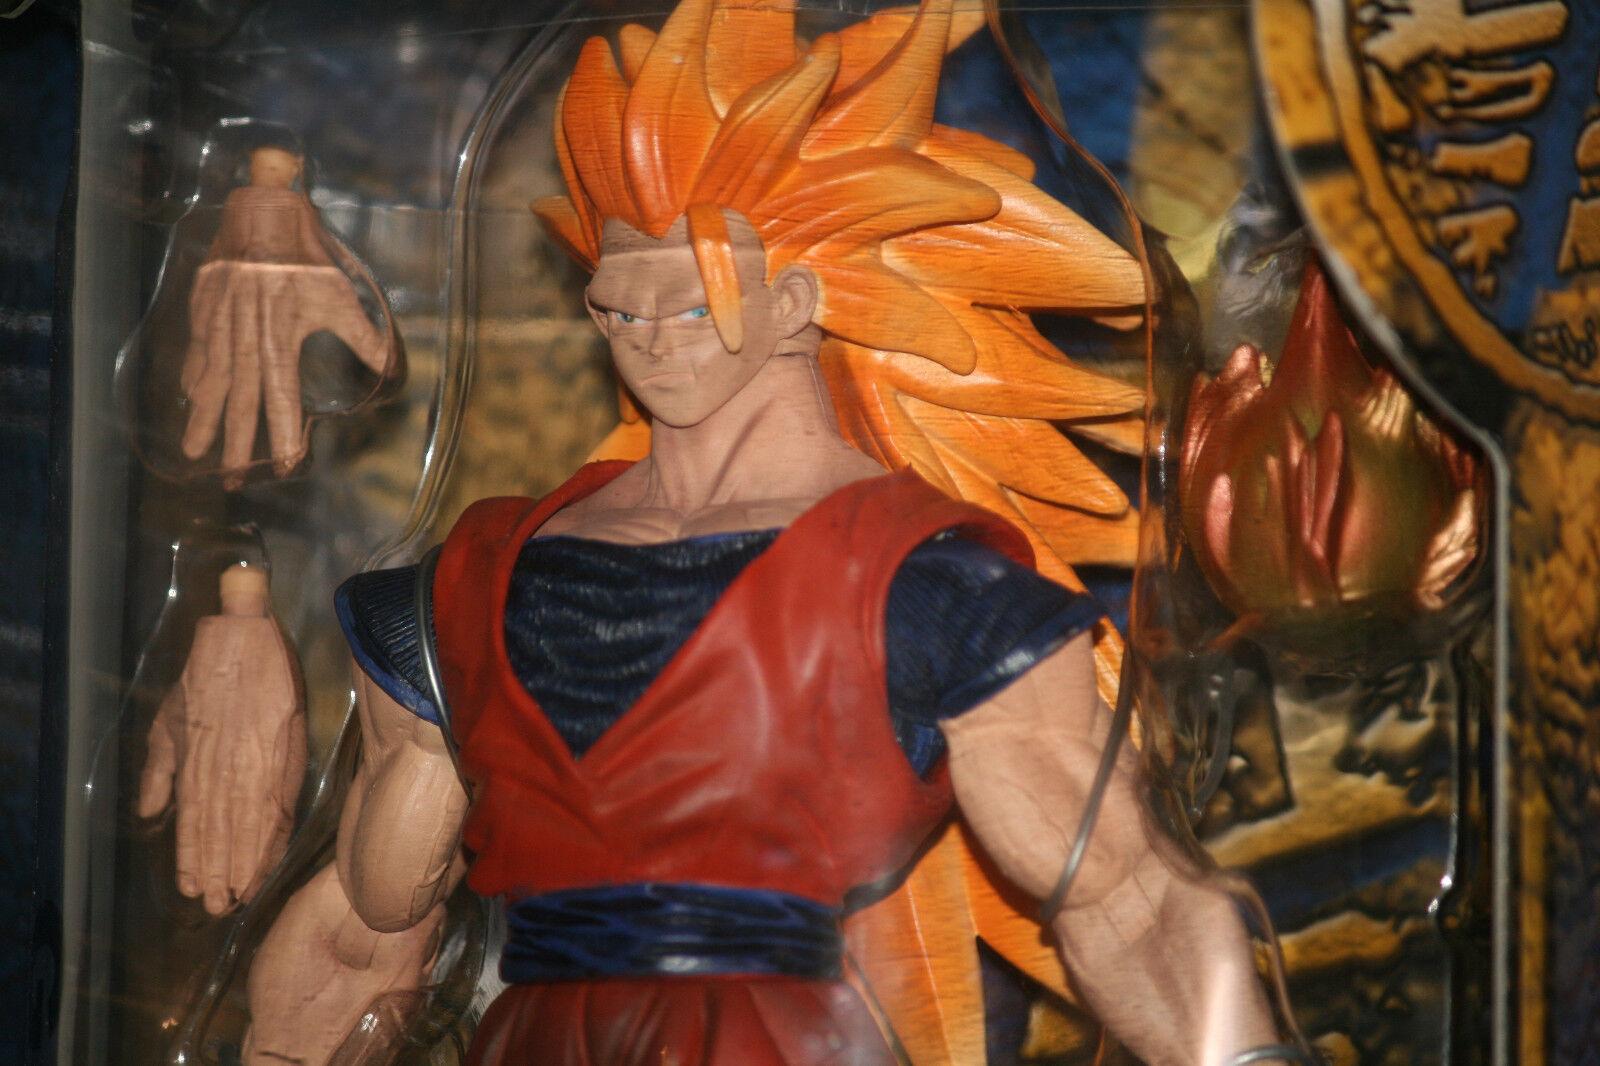 Dragonball Z (2002) Colección de fusión  SS3 Goku  10  Perfecto Estado